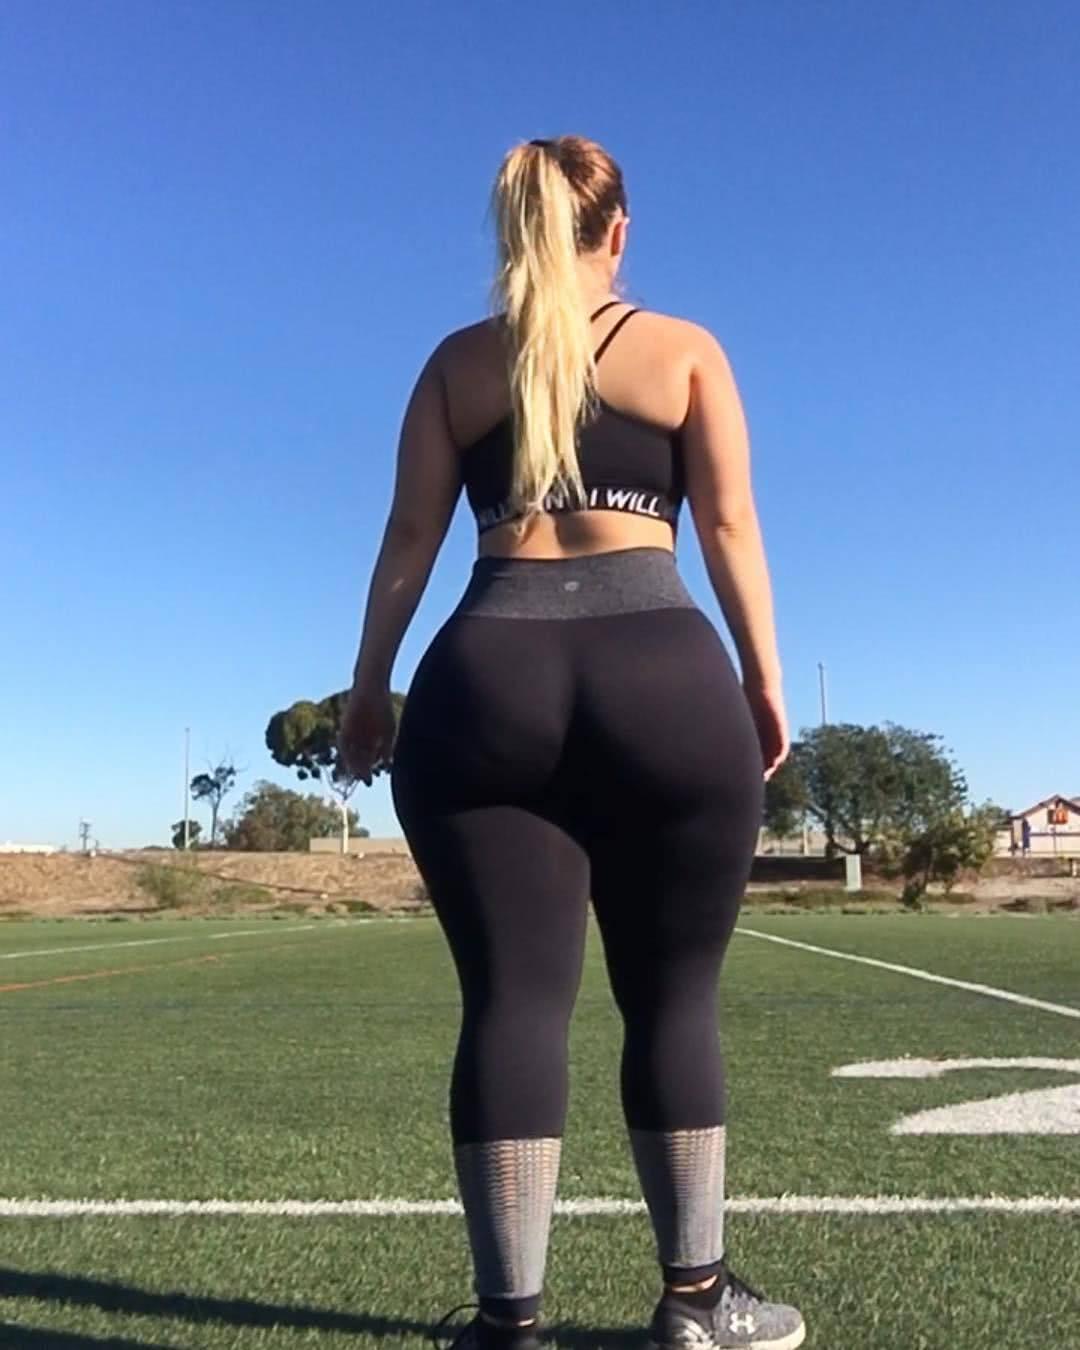 大码模特爱健身,190斤体重却居高不下!网友:丰腴身材也很美